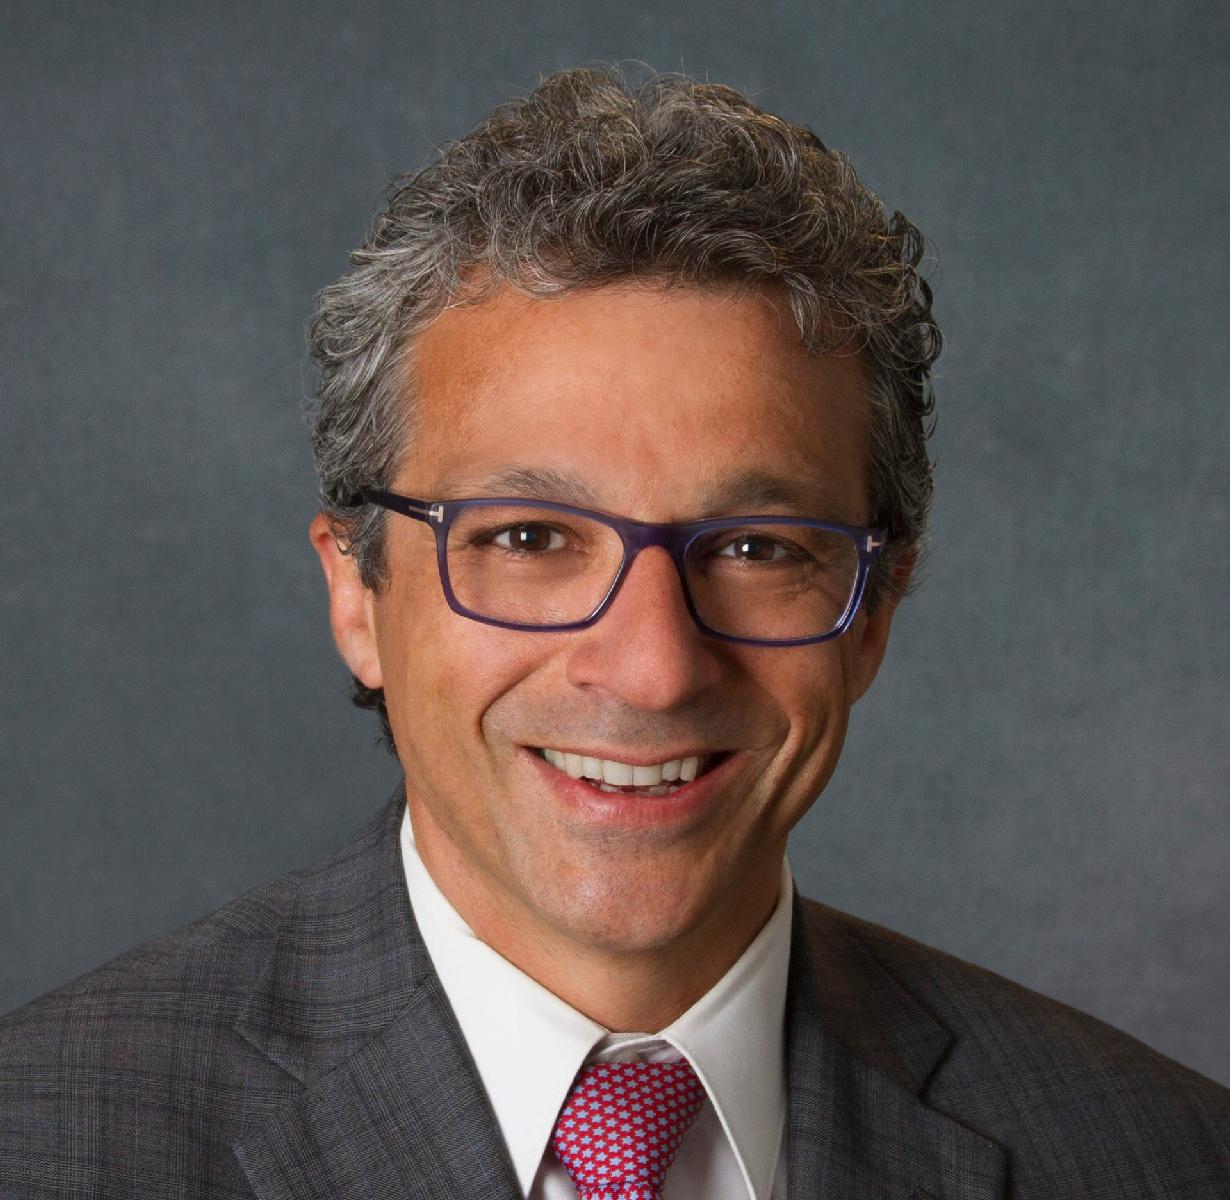 Alvaro Pascual-Leone, M.D., Ph.D.